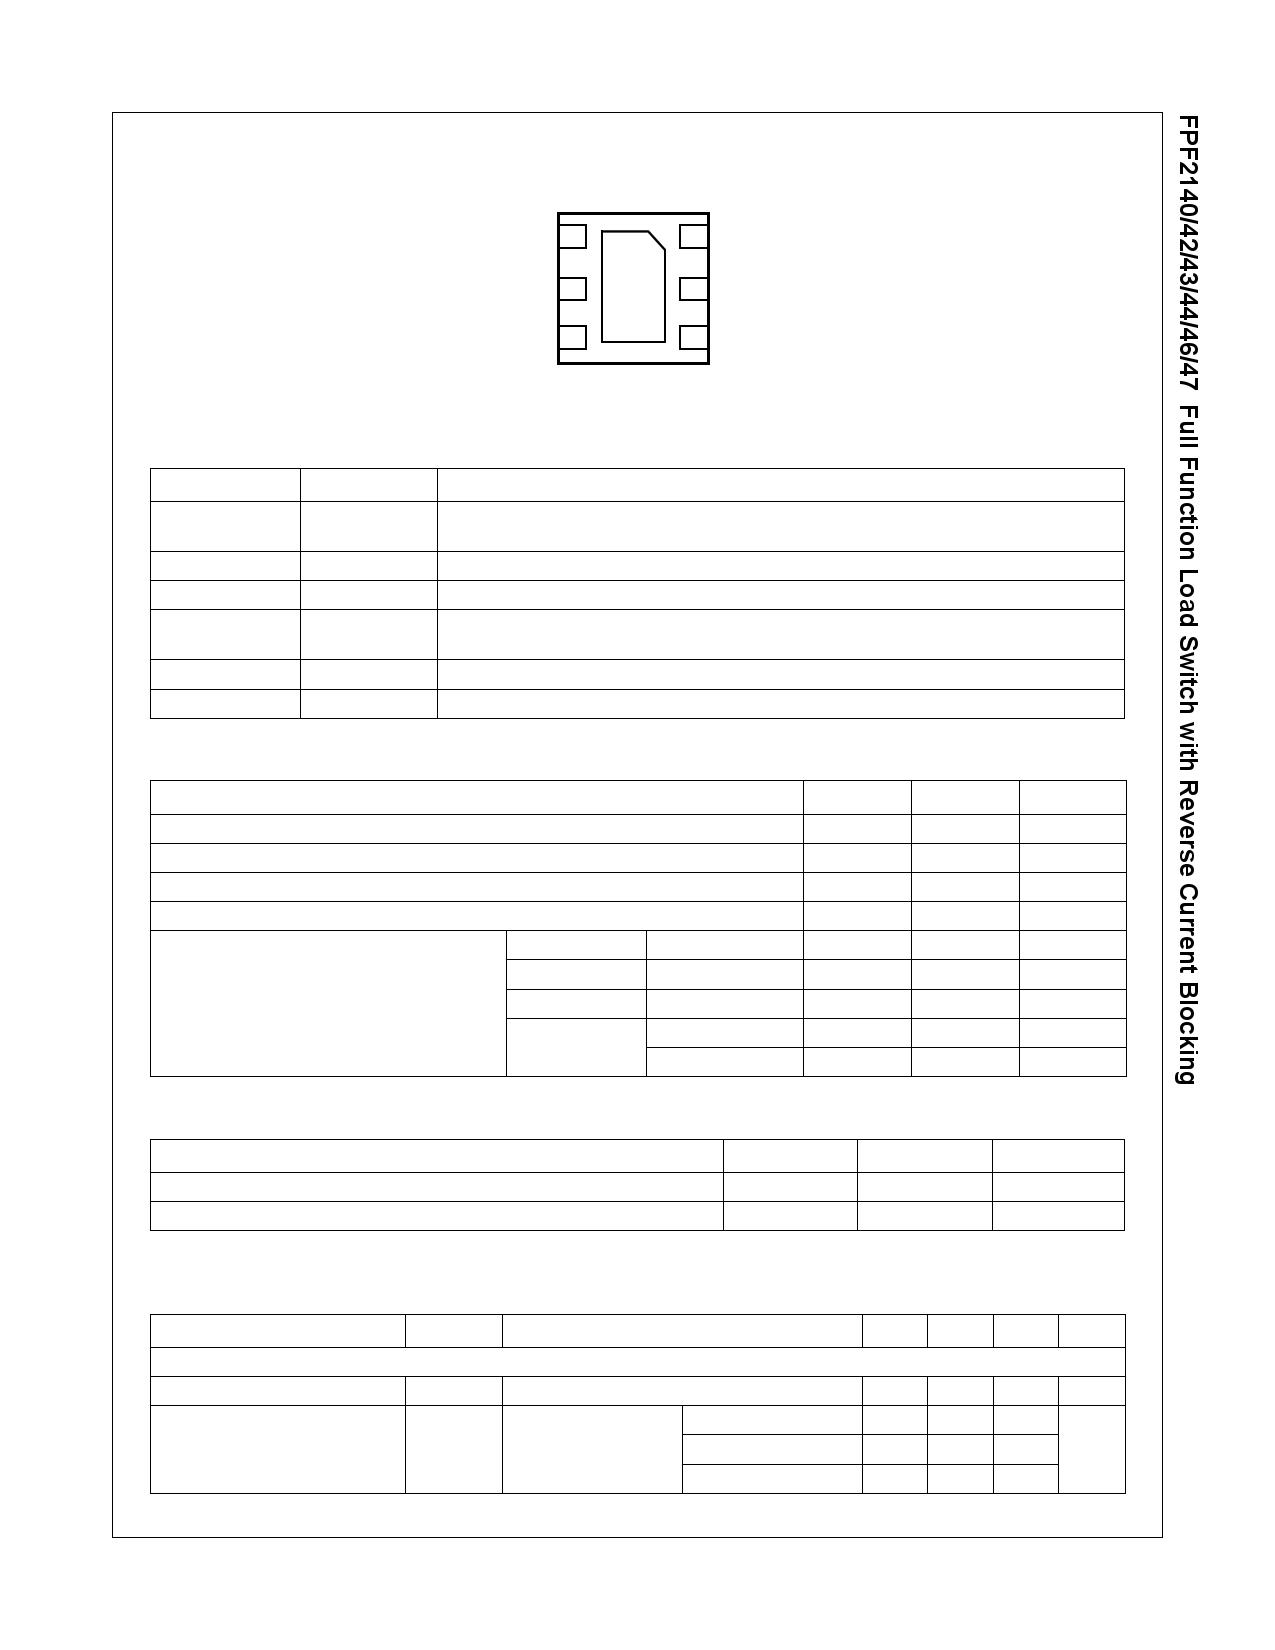 FPF2140 pdf, ピン配列